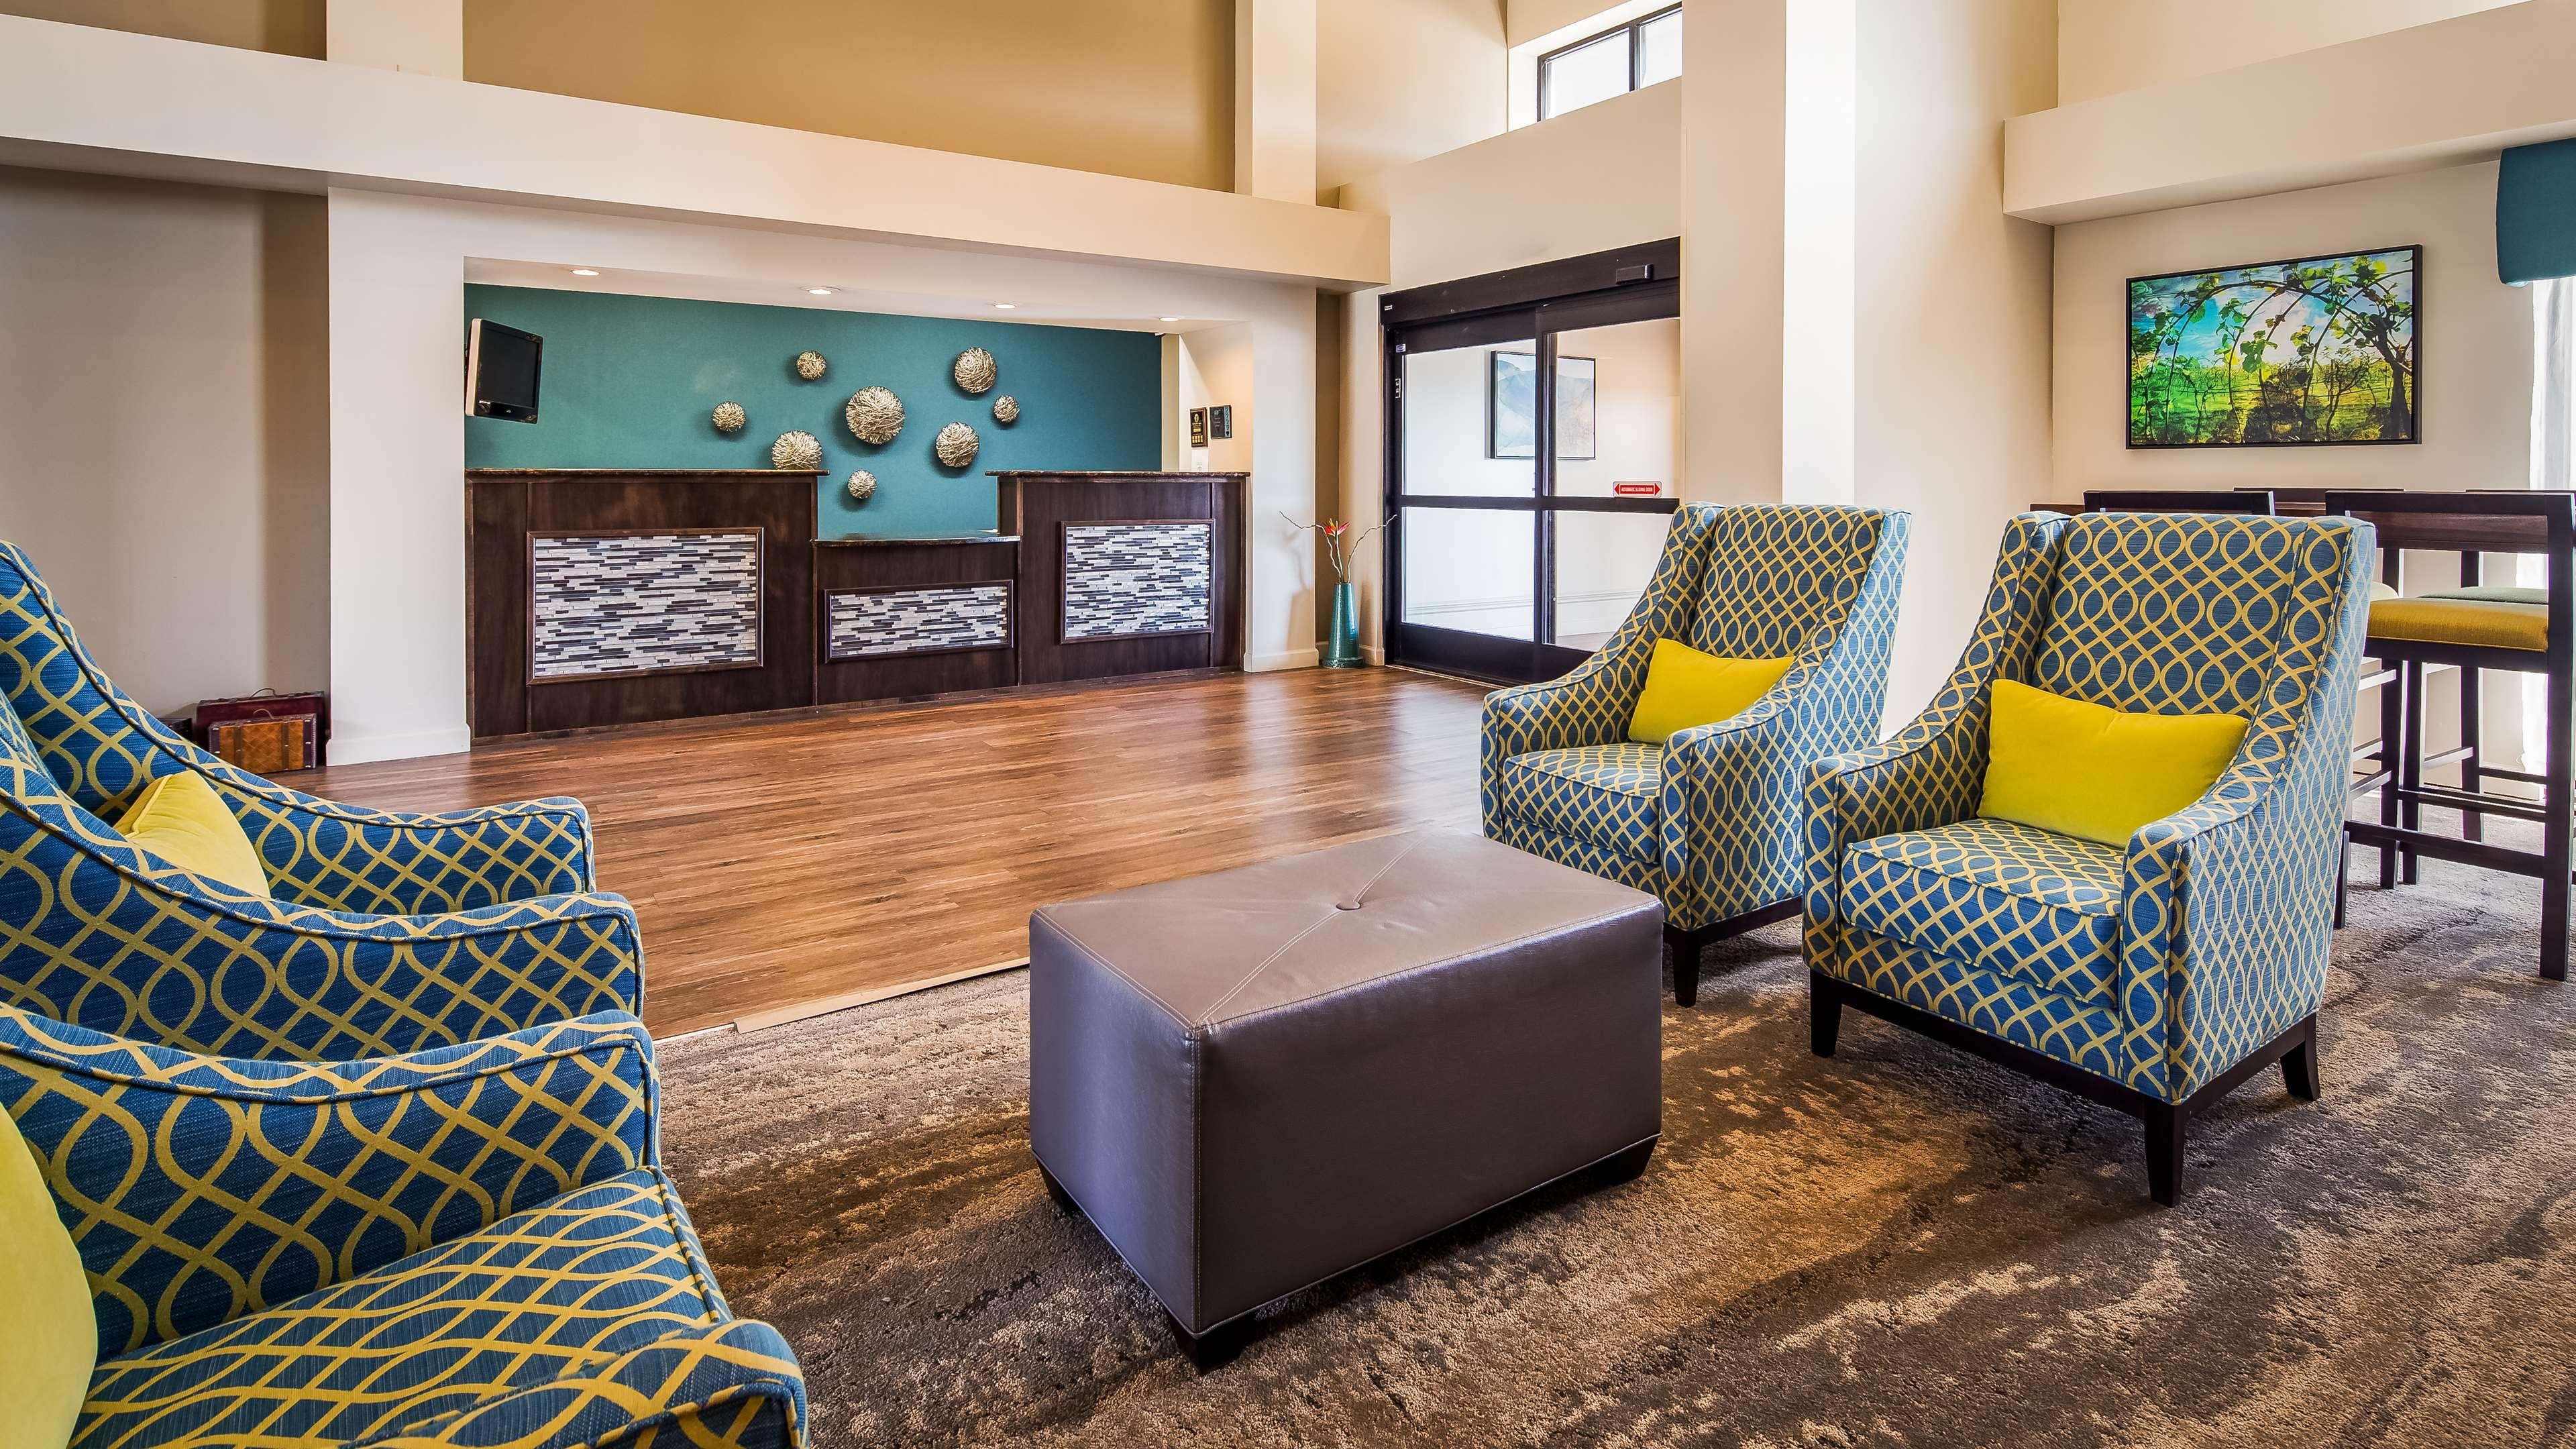 Best Western Plus Yadkin Valley Inn & Suites image 3